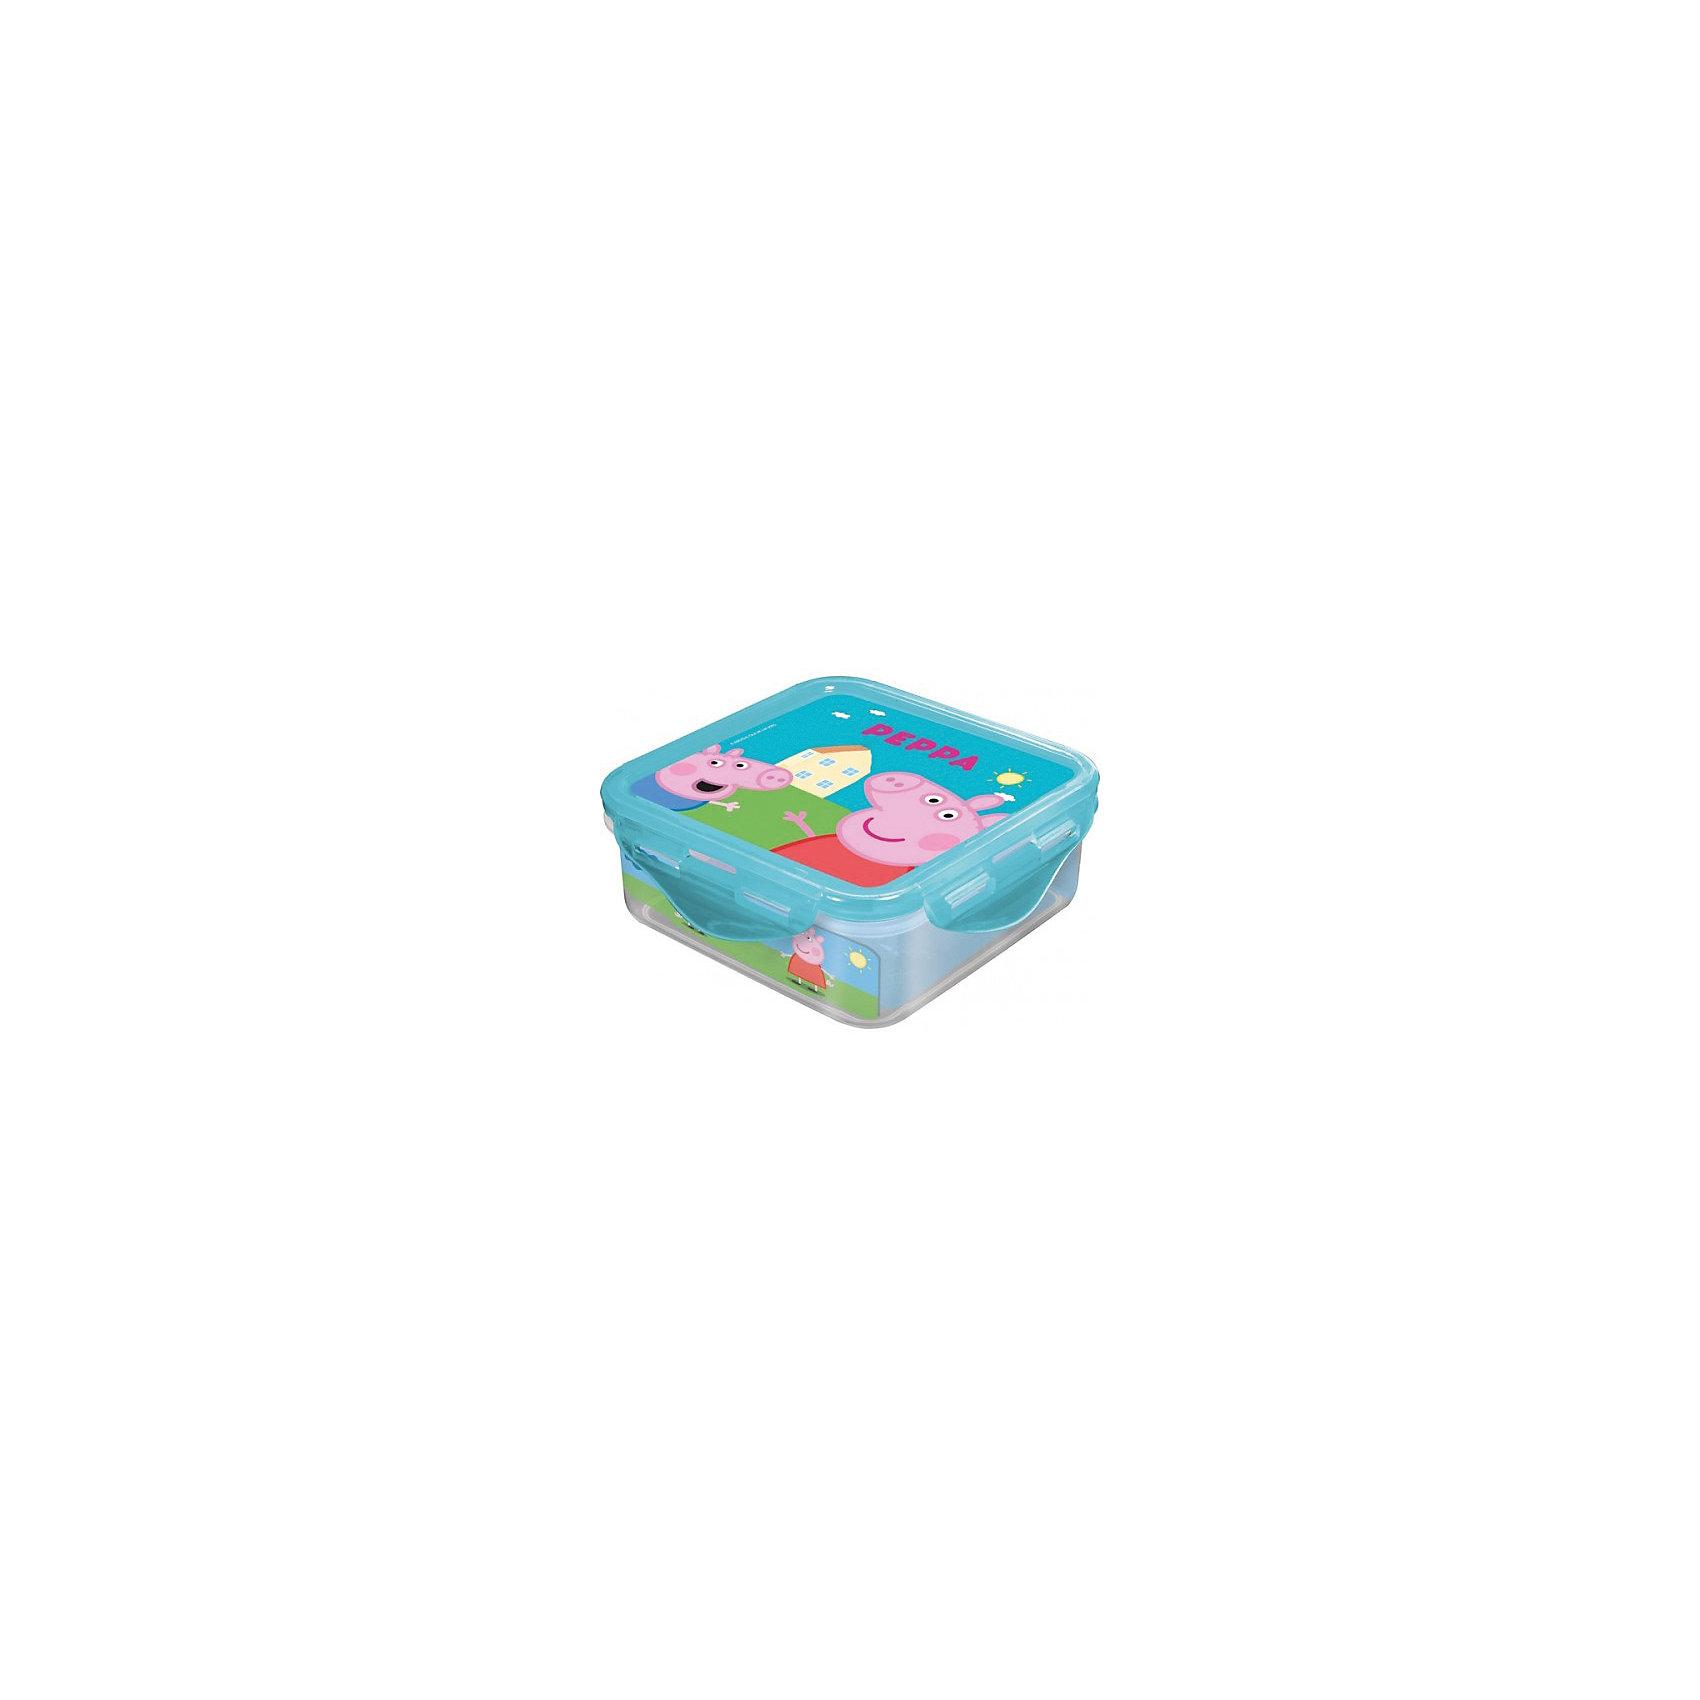 Контейнер Свинка ПеппаБутылки для воды и бутербродницы<br>Контейнер с изображением веселой свинки Пеппы прекрасно подойдет для хранения любых мелочей или же его можно использовать как бутербродницу. Контейнер выполнен из высококачественного пищевого пластика, имеет удобную крышку с замками, которые легко и удобно открываются.<br>Материал: пластик.<br>Размер: 13х13х5 см.<br>Объем: 500 мл<br><br>Ширина мм: 250<br>Глубина мм: 155<br>Высота мм: 90<br>Вес г: 370<br>Возраст от месяцев: -2147483648<br>Возраст до месяцев: 2147483647<br>Возраст: Детский<br>SKU: 5179477